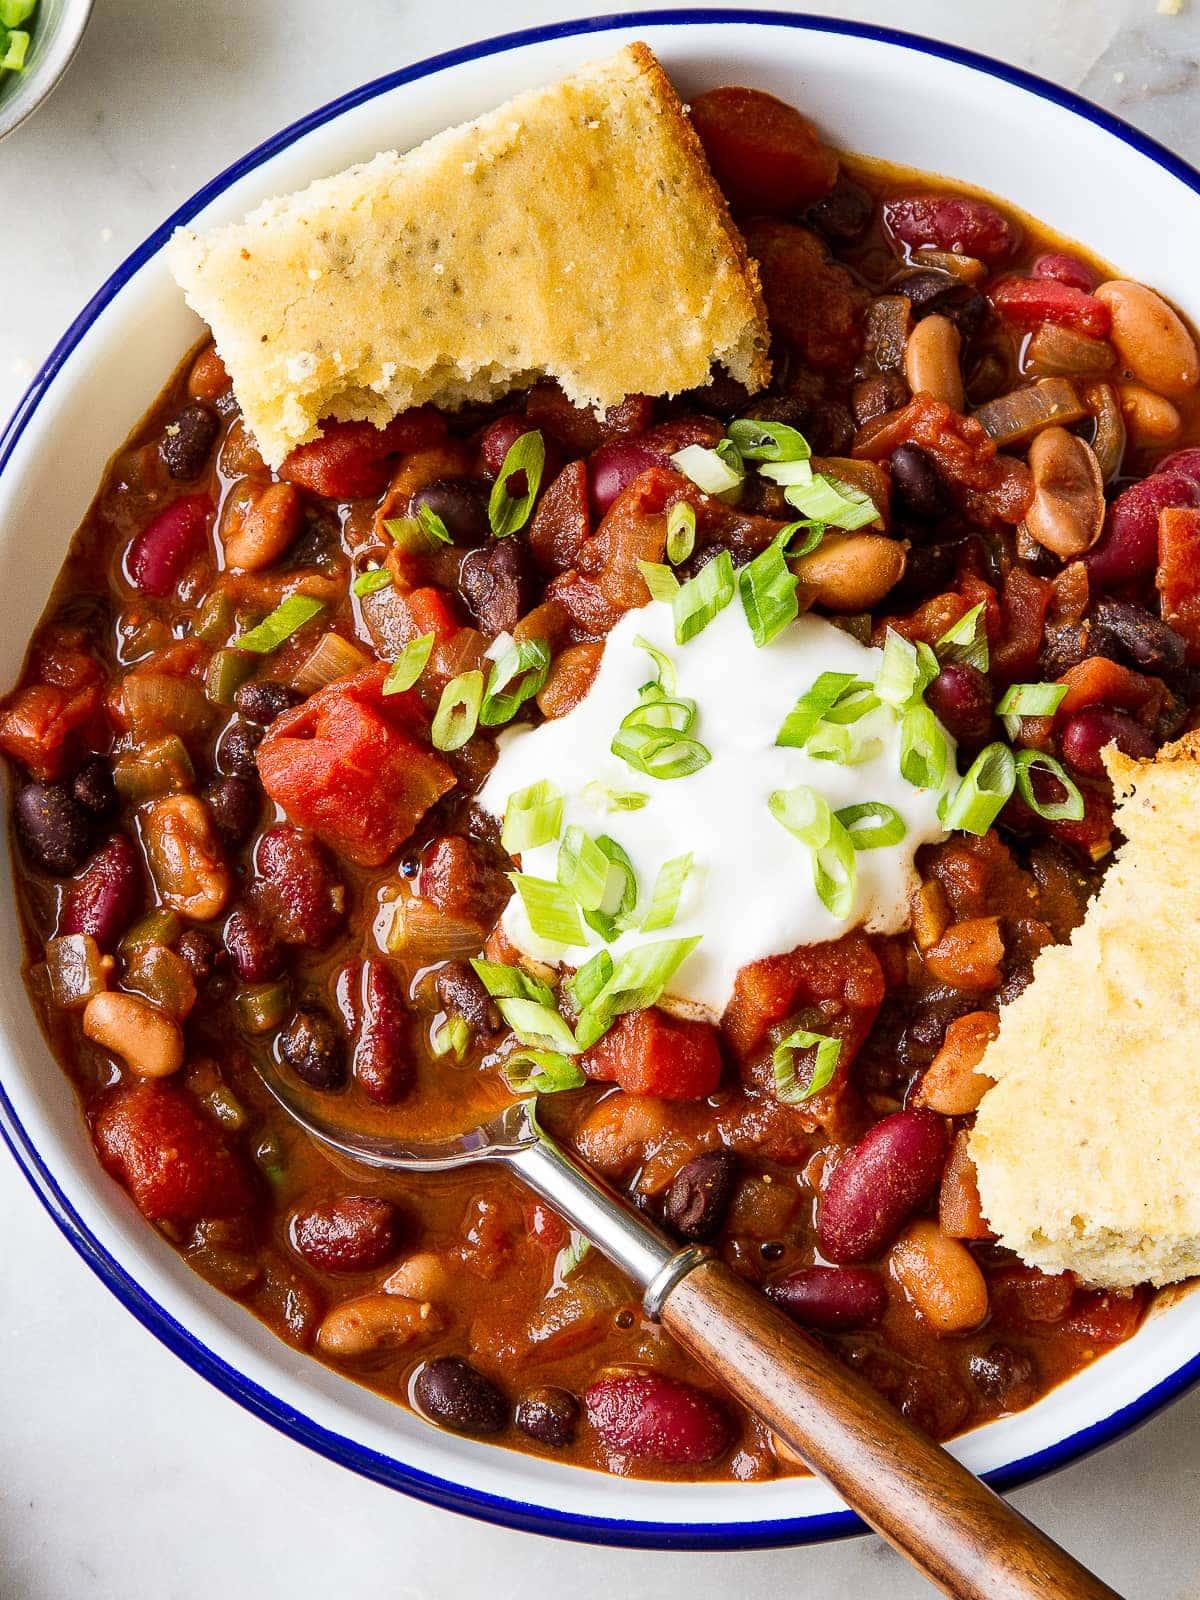 Easy Three Bean Chili Recipe The Simple Veganista